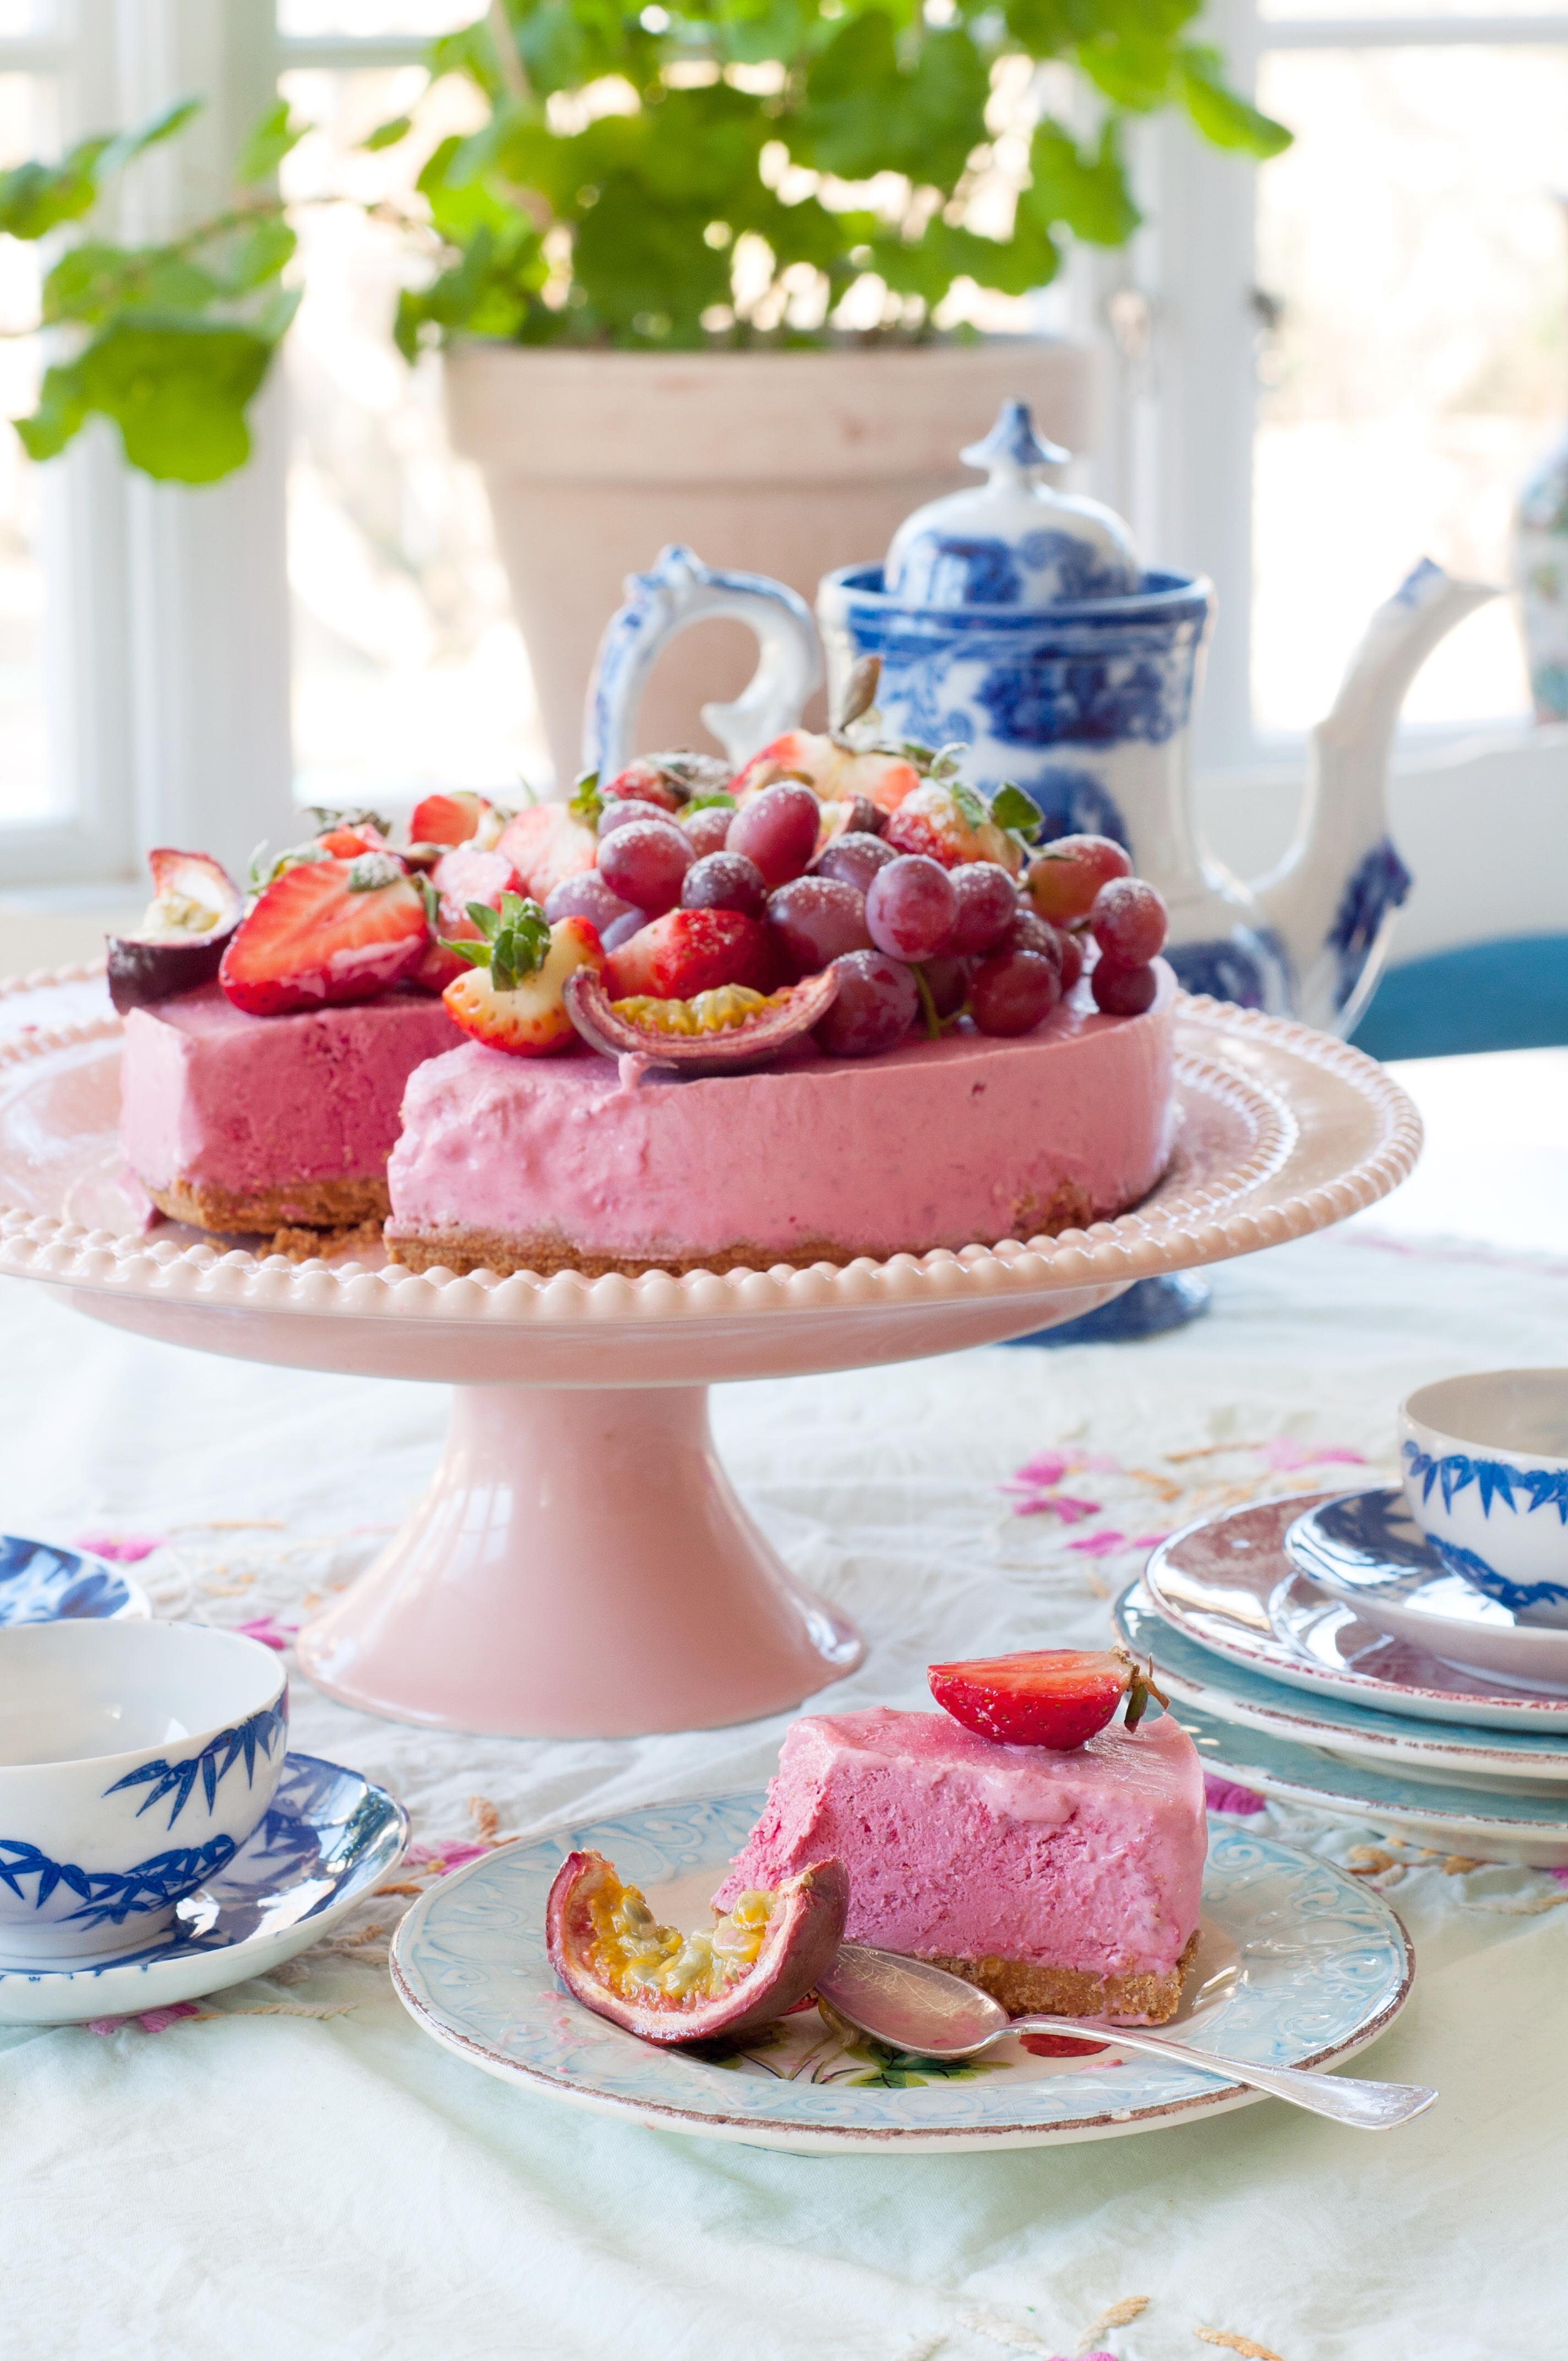 Halloncheesecake med bär - Fröken Turkos, Leonor Juhl K